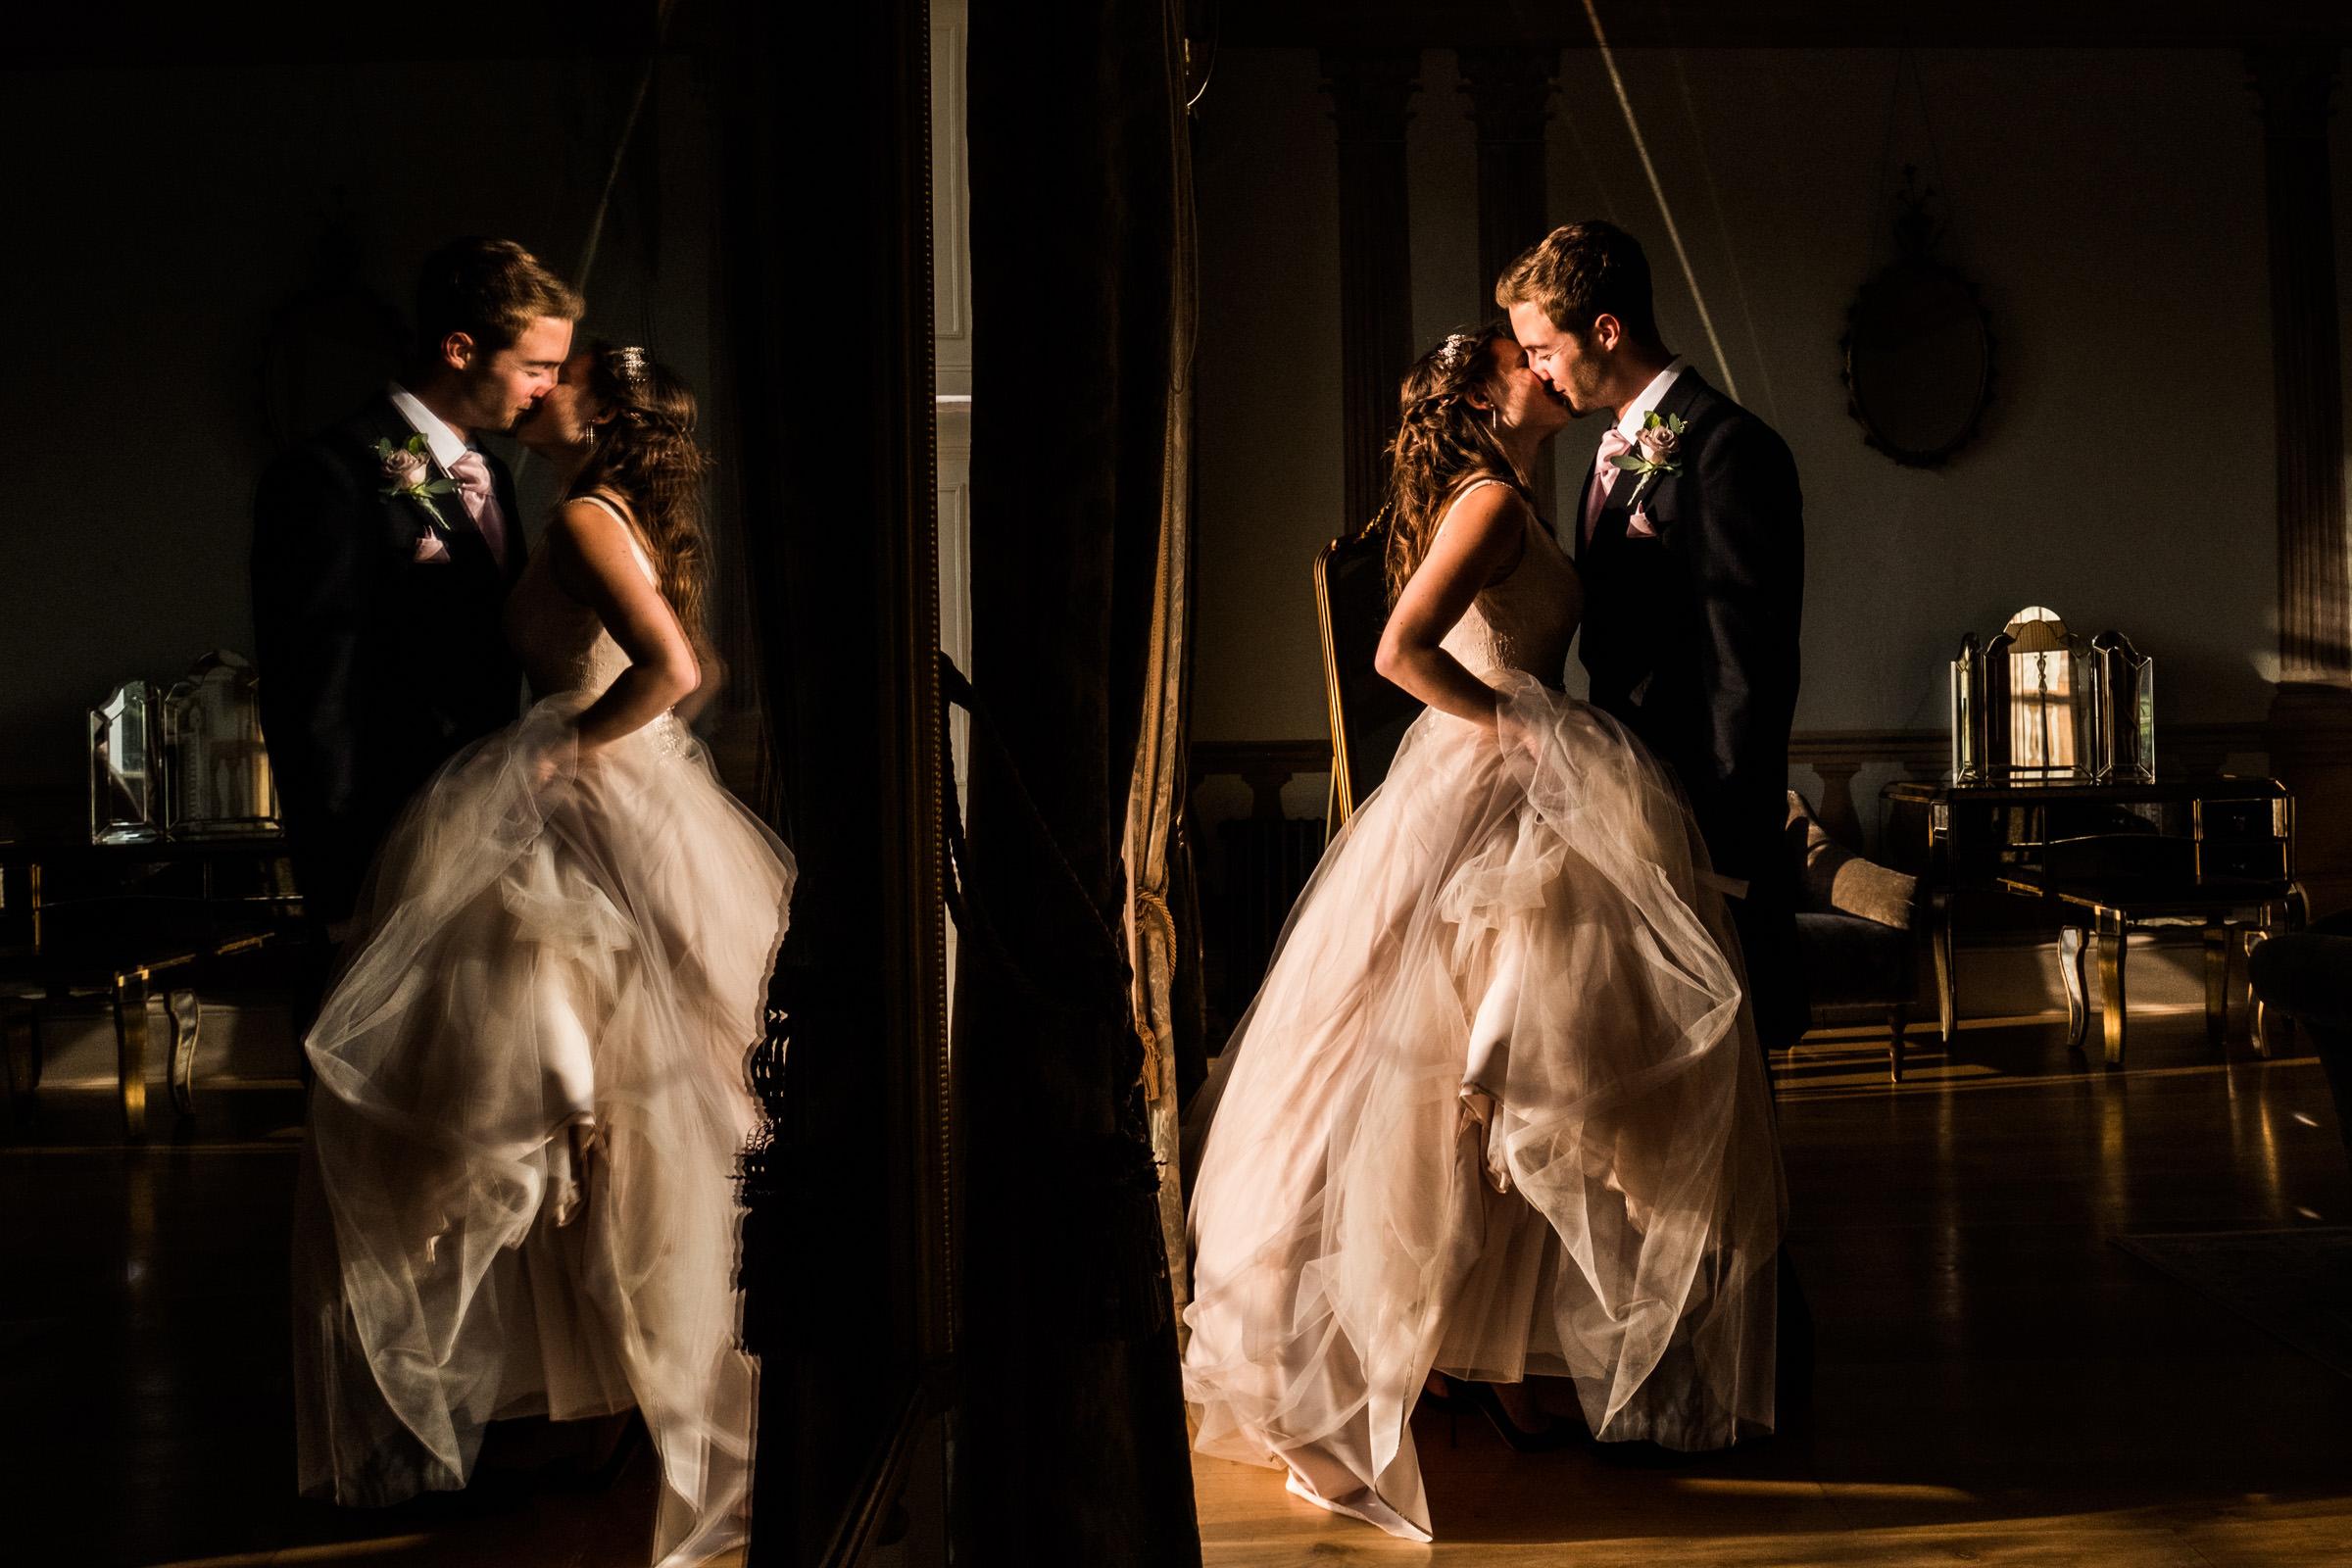 Rockbeare+Manor+Wedding+Photos+Devon+033.jpg